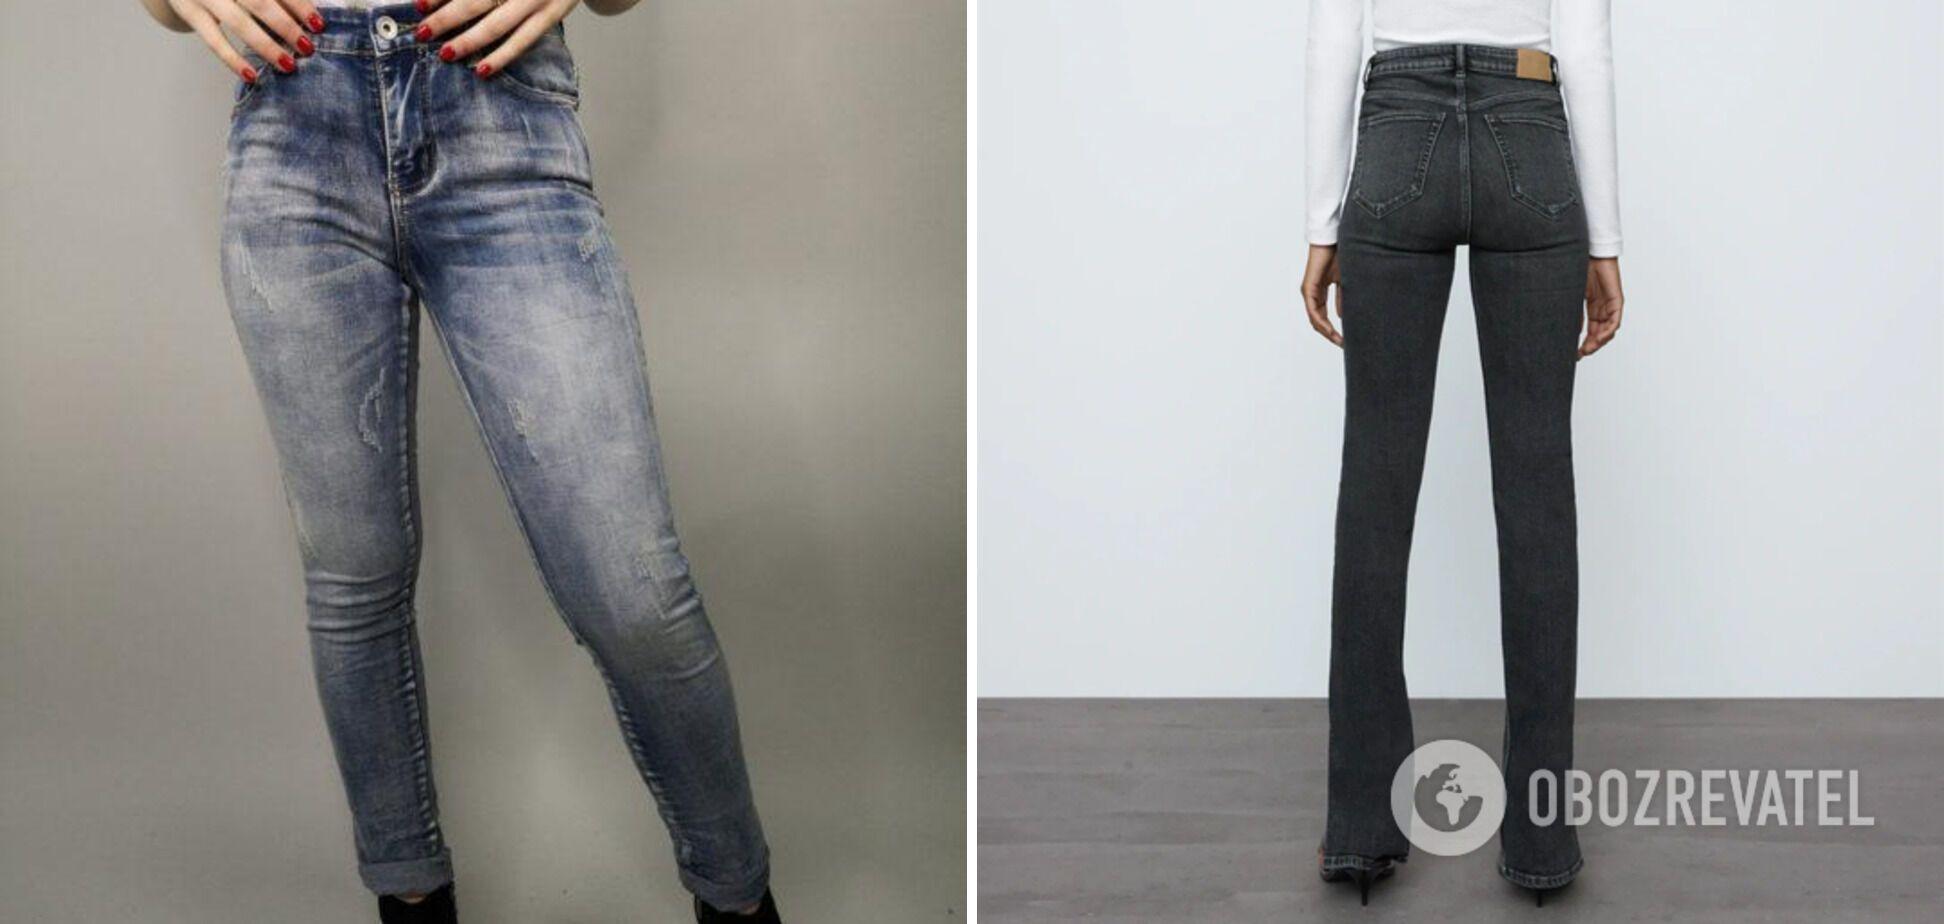 Длинные джинсы с талией на поясе не в тренде.